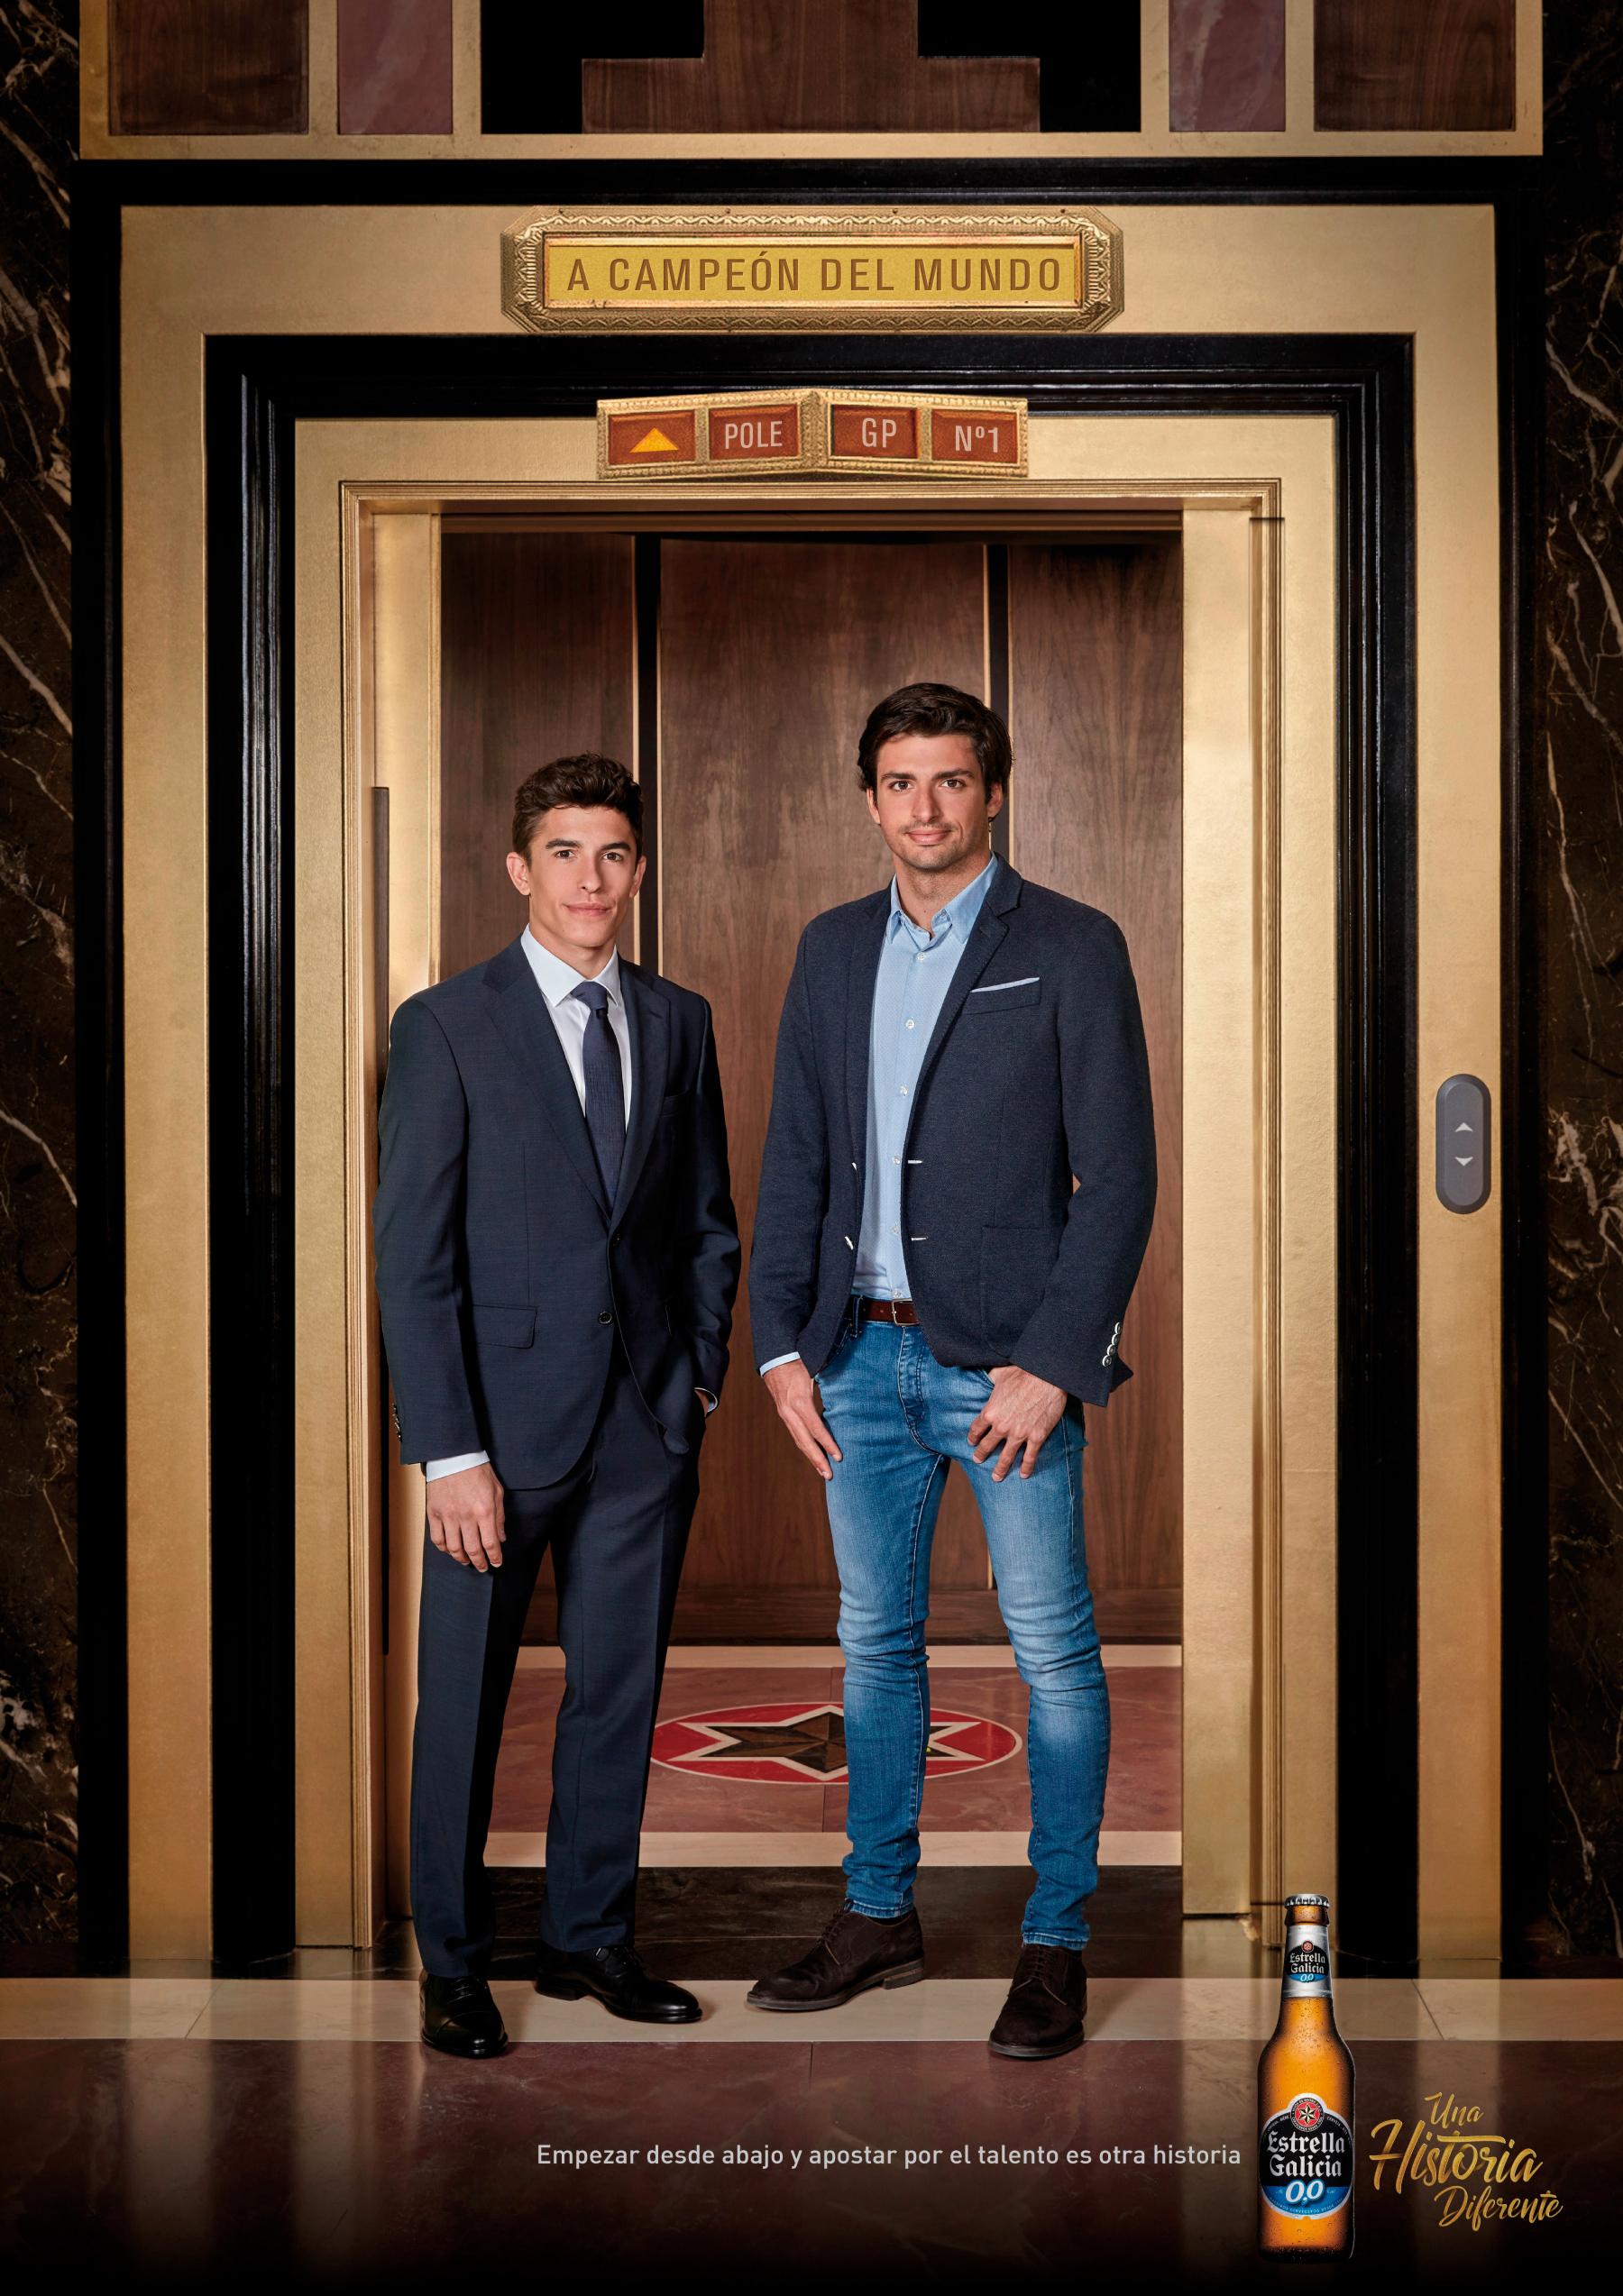 ¿Cuánto mide Carlos Sáinz Jr.? - Altura - Real height Imaxe_estrella_galicia_motor_pilotos_2018_sainz_marquez